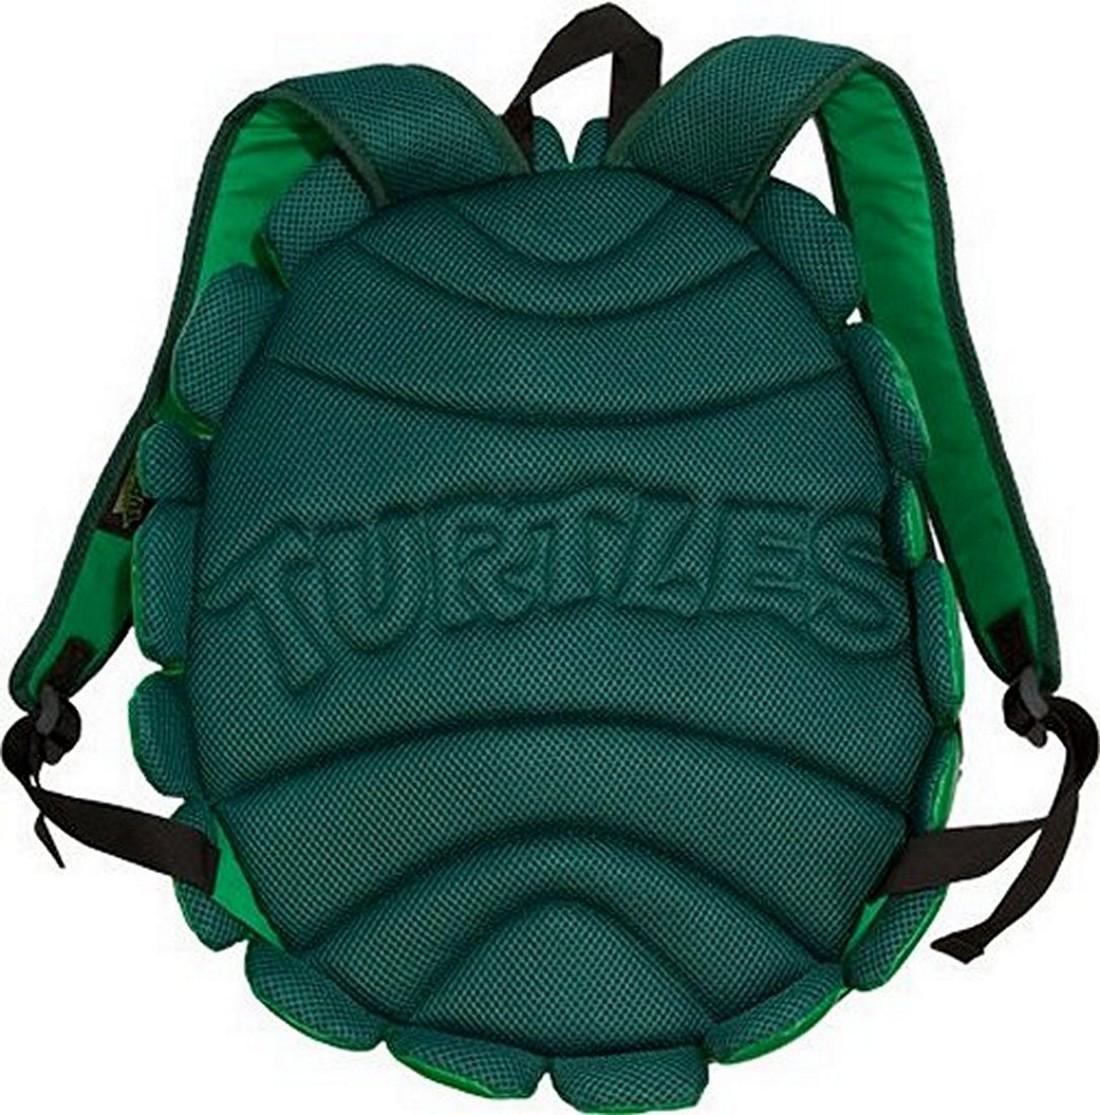 TMNT Teenage Mutant Ninja Turtles Turtle Shell Backpack ...